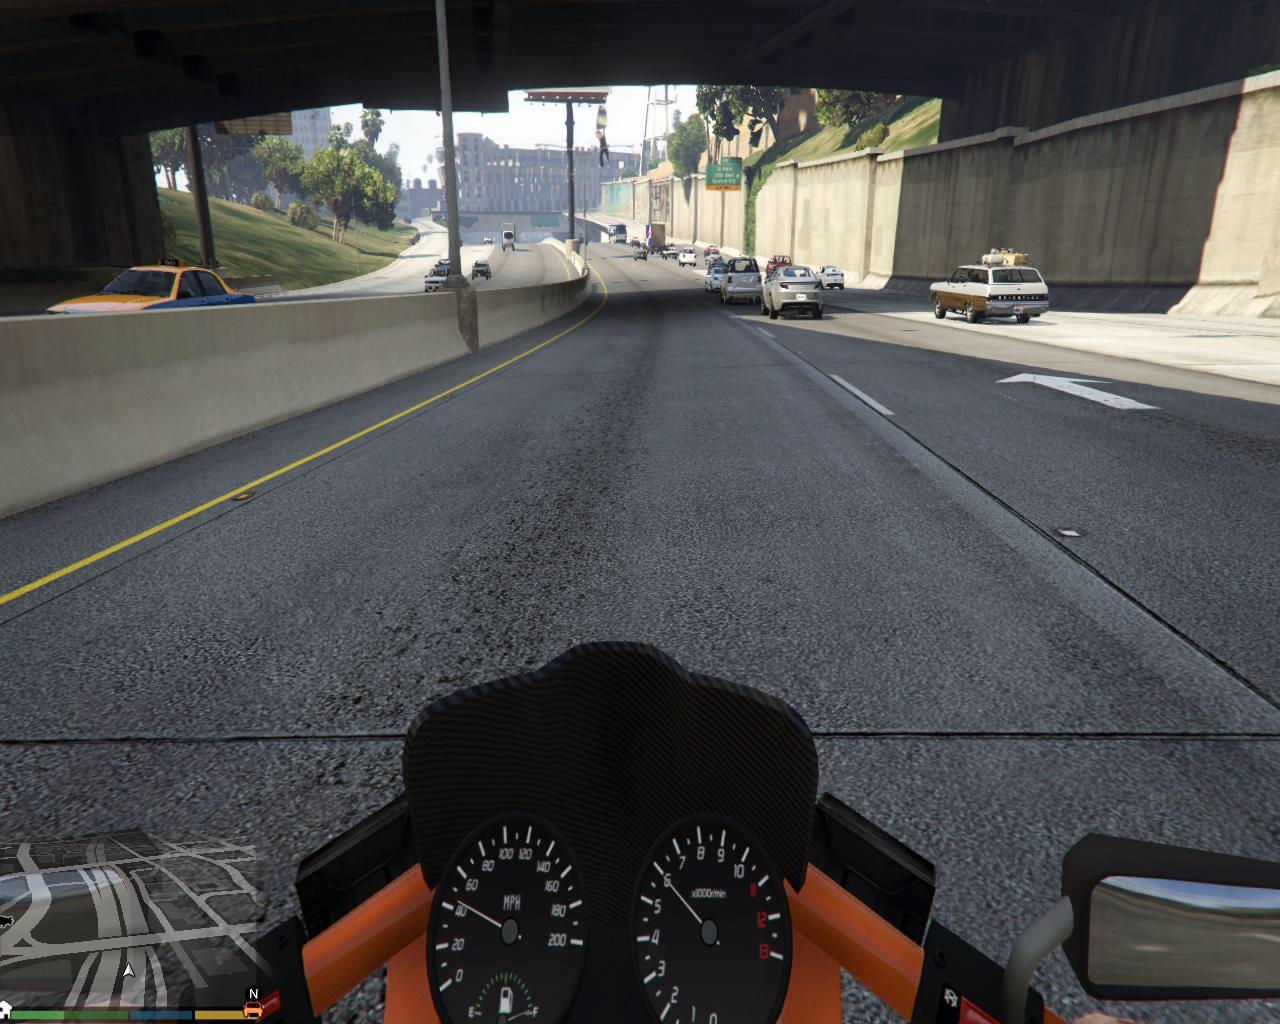 L A  Roads - Divers pour GTA V sur GTA Modding